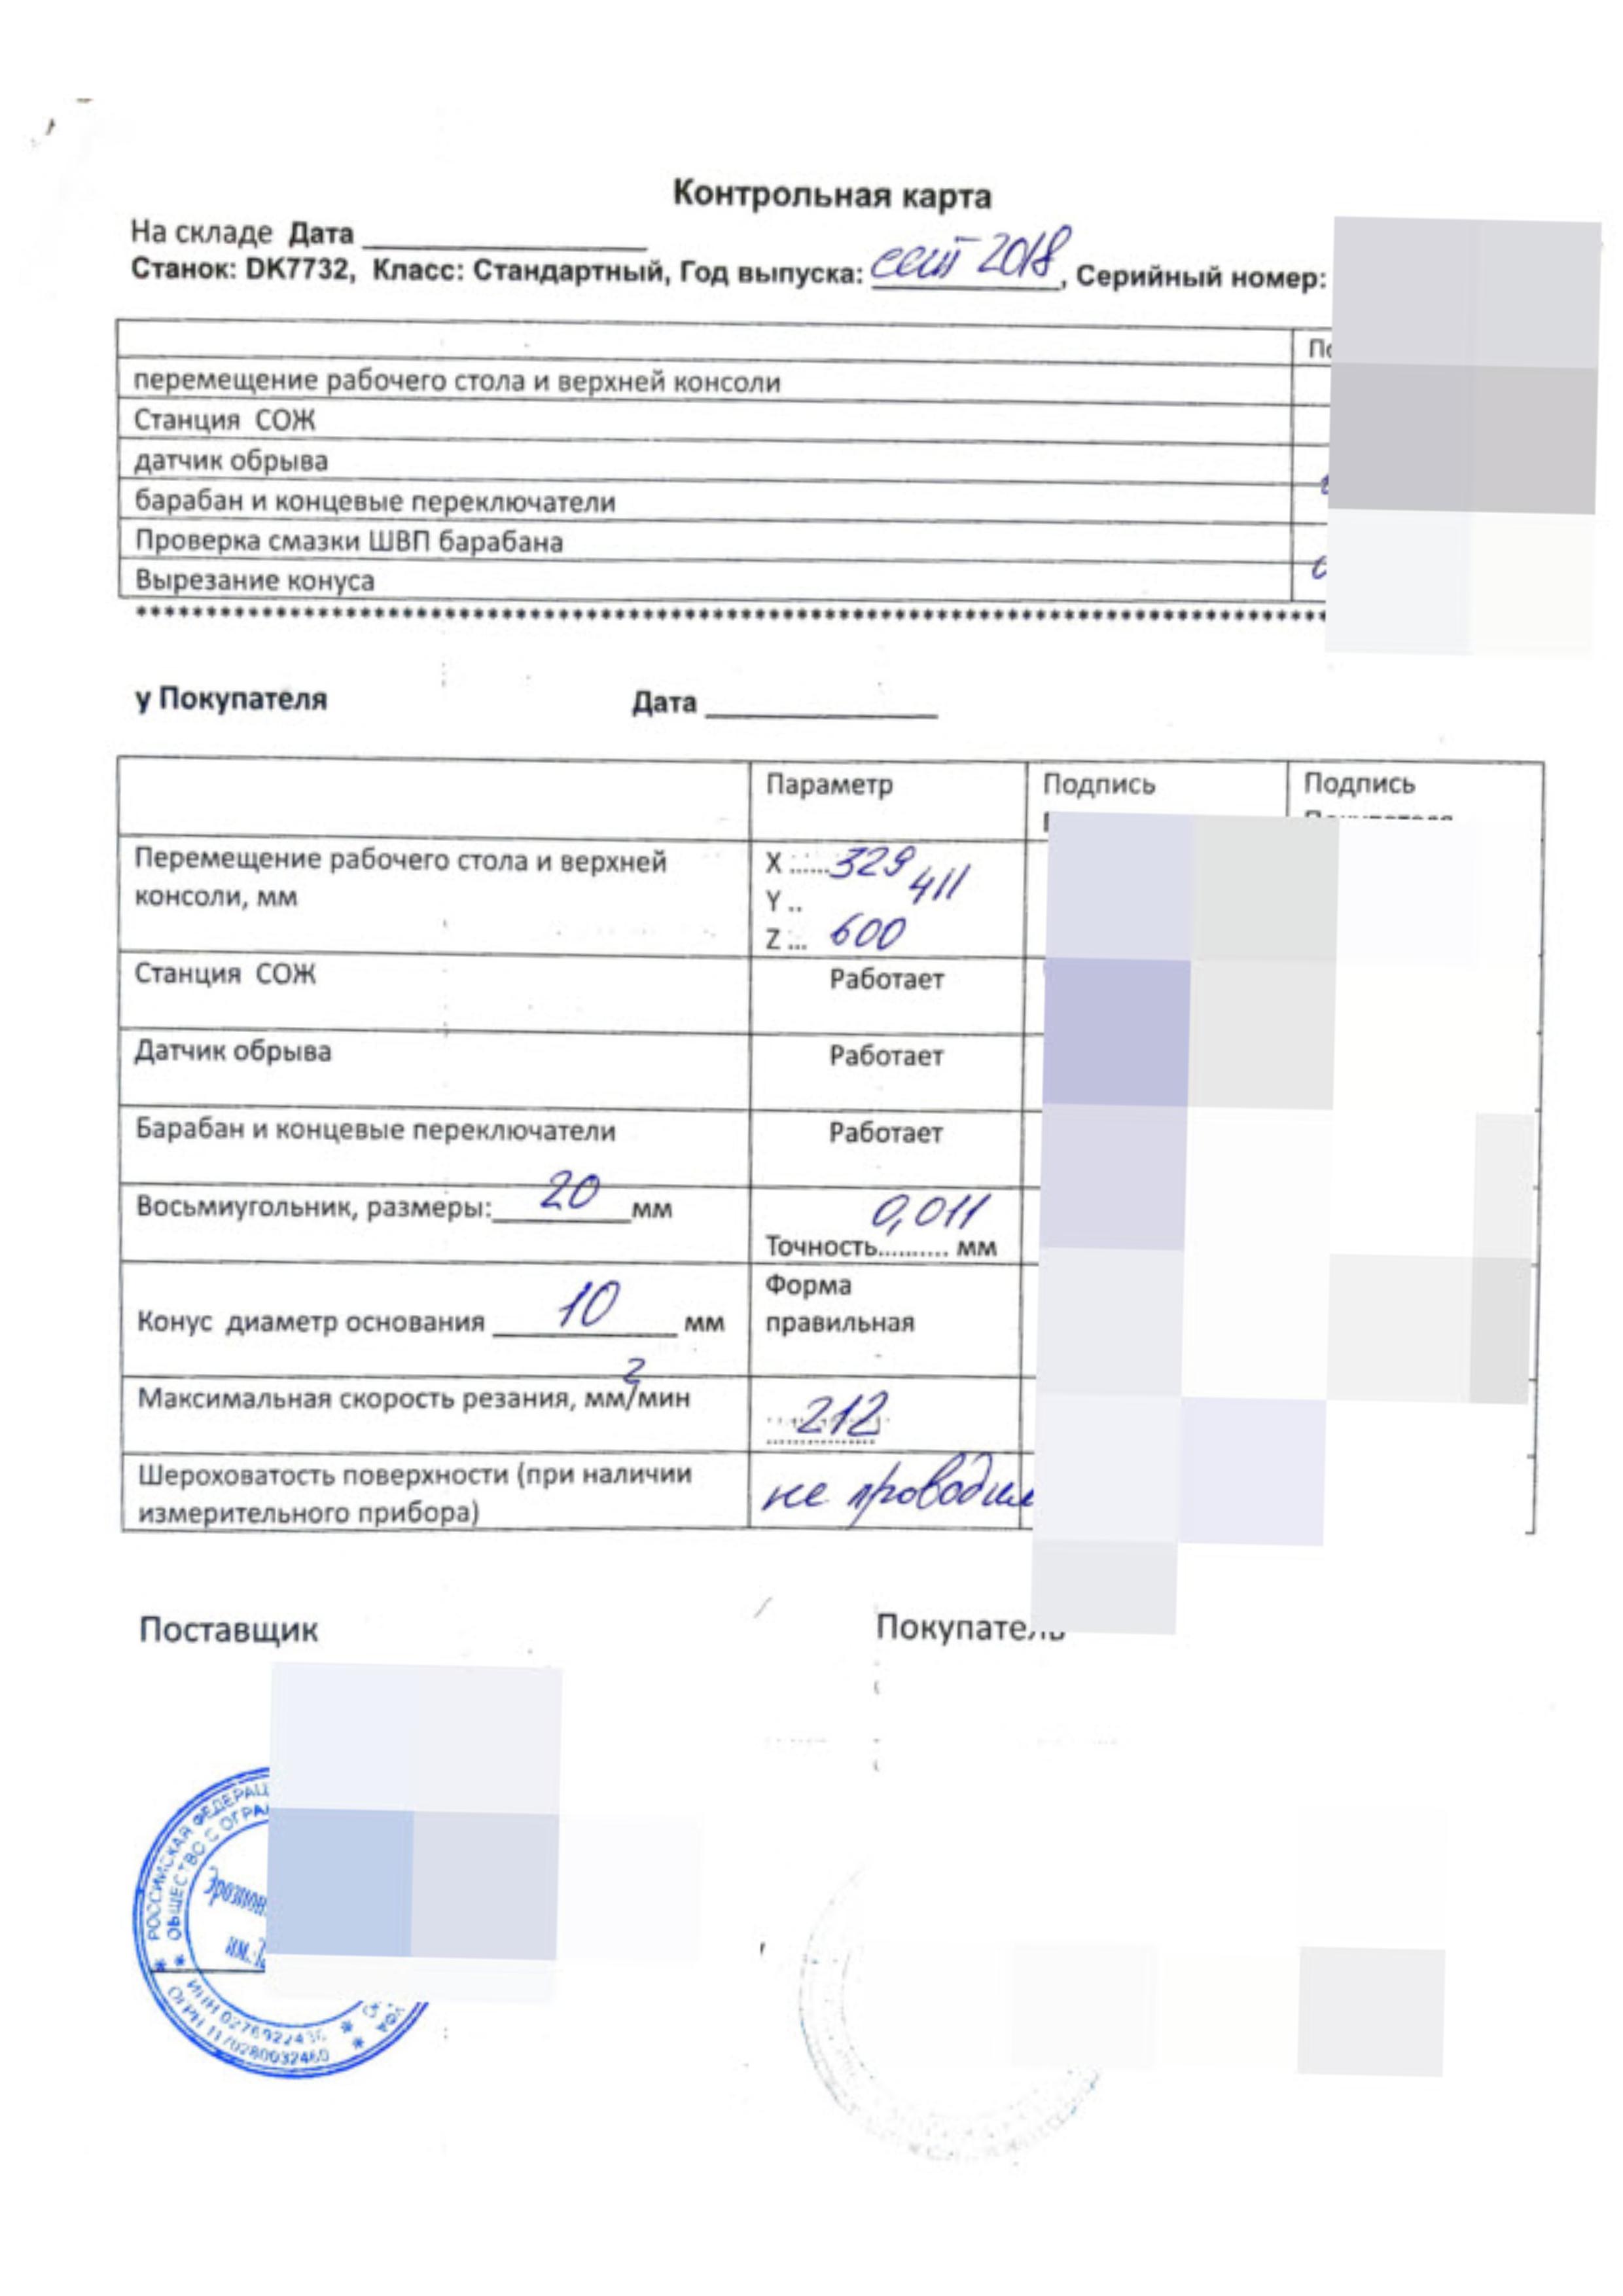 Отчет по итогам ПНР, станок DK 7732, Москва февраль 2019г.